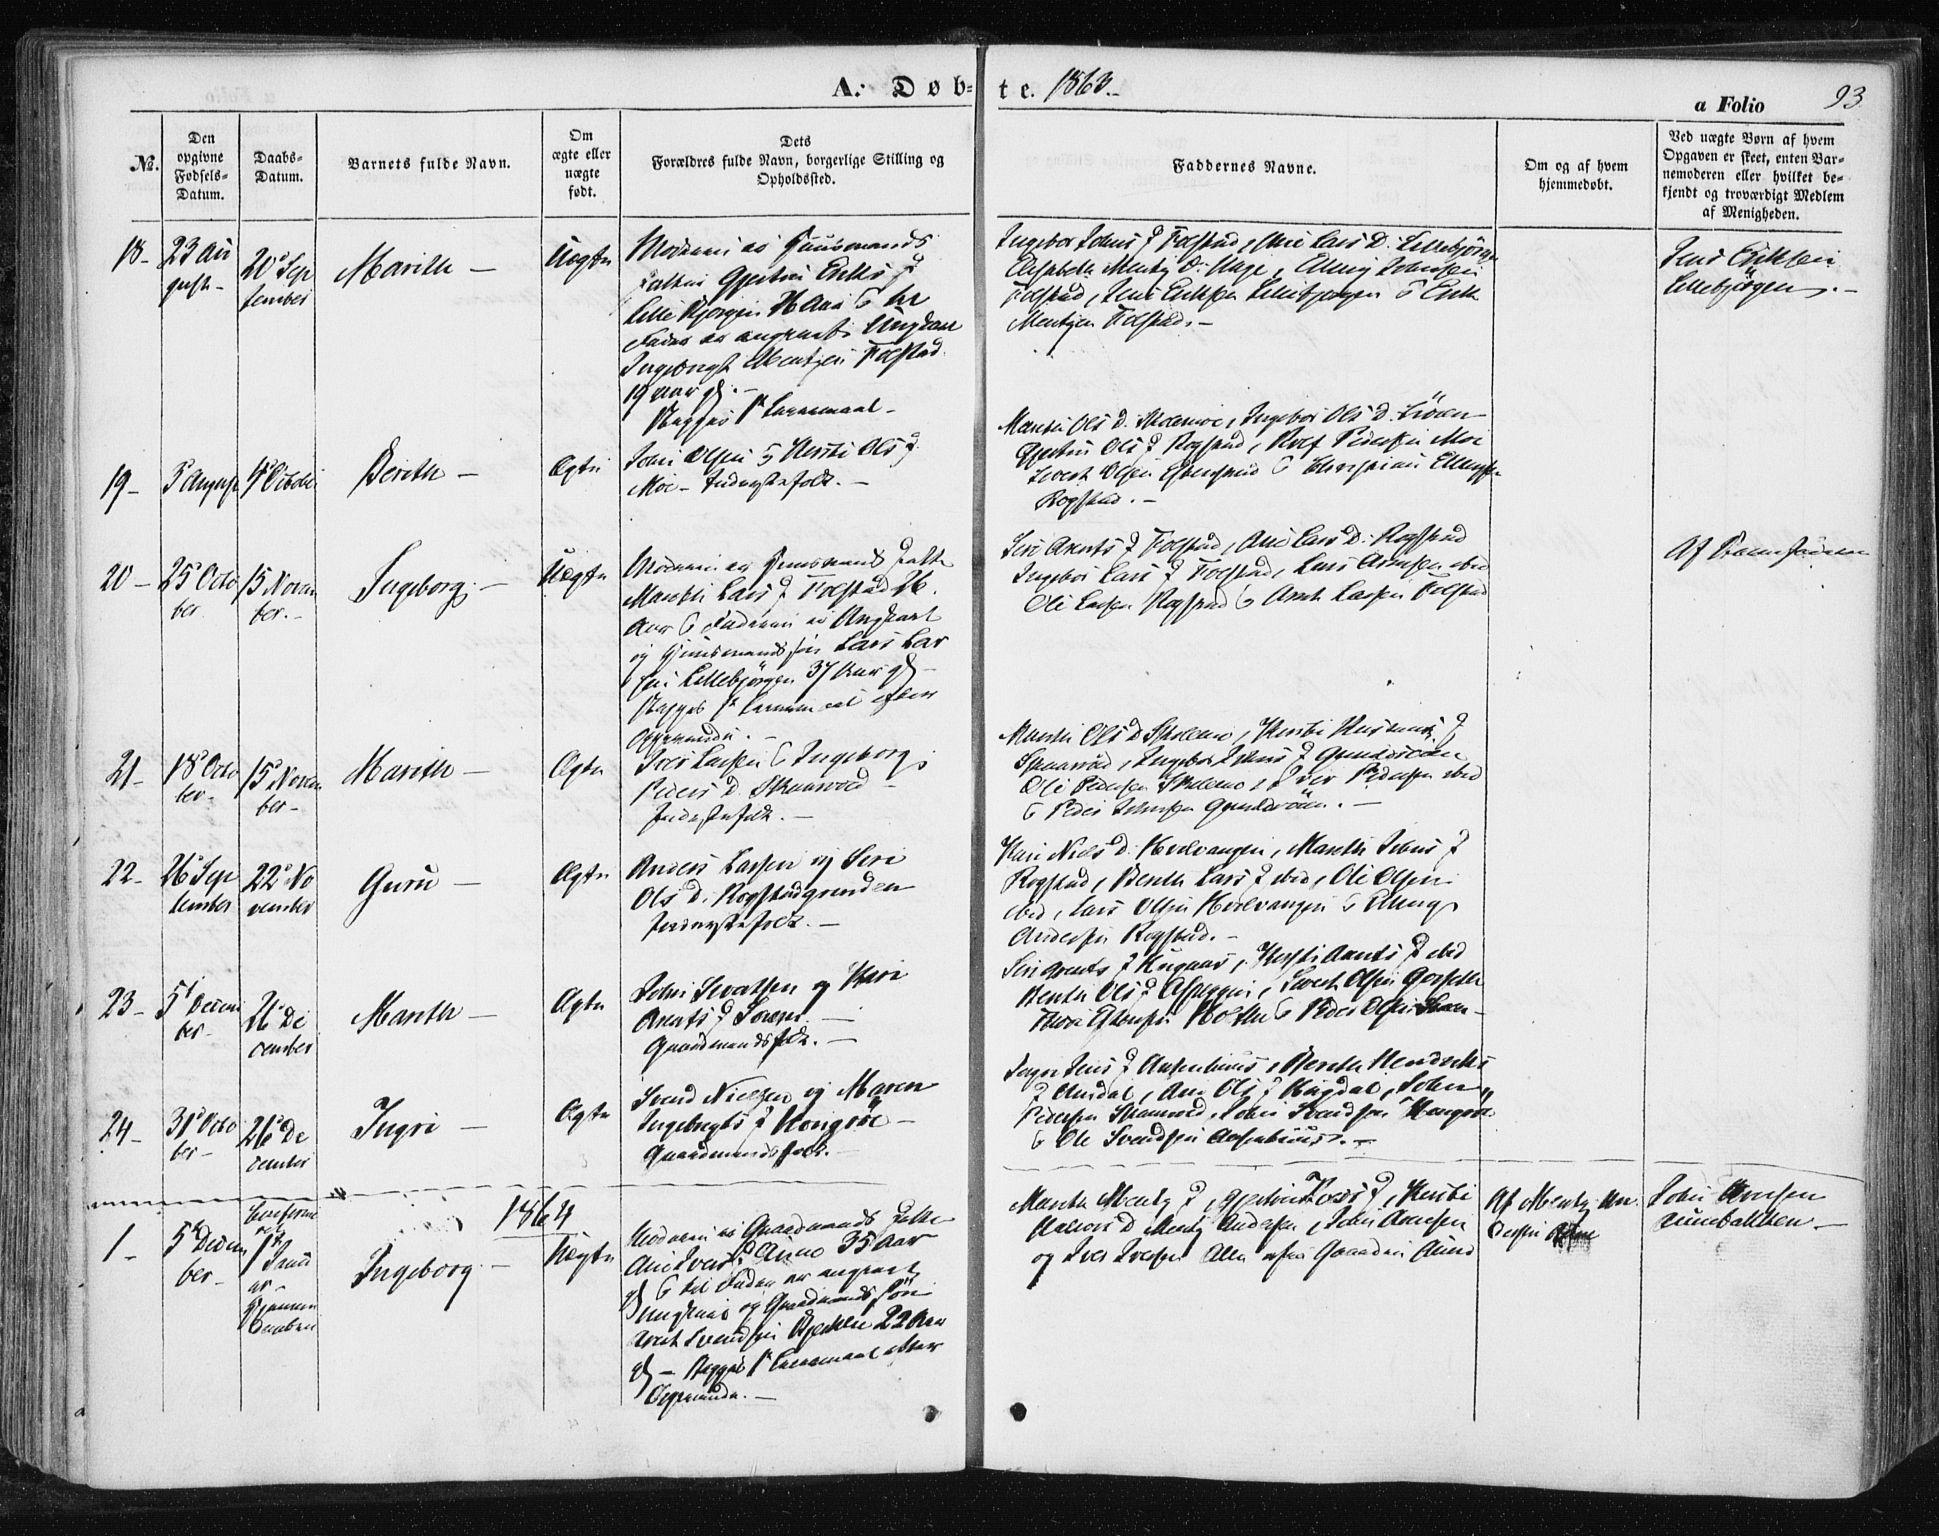 SAT, Ministerialprotokoller, klokkerbøker og fødselsregistre - Sør-Trøndelag, 687/L1000: Ministerialbok nr. 687A06, 1848-1869, s. 93